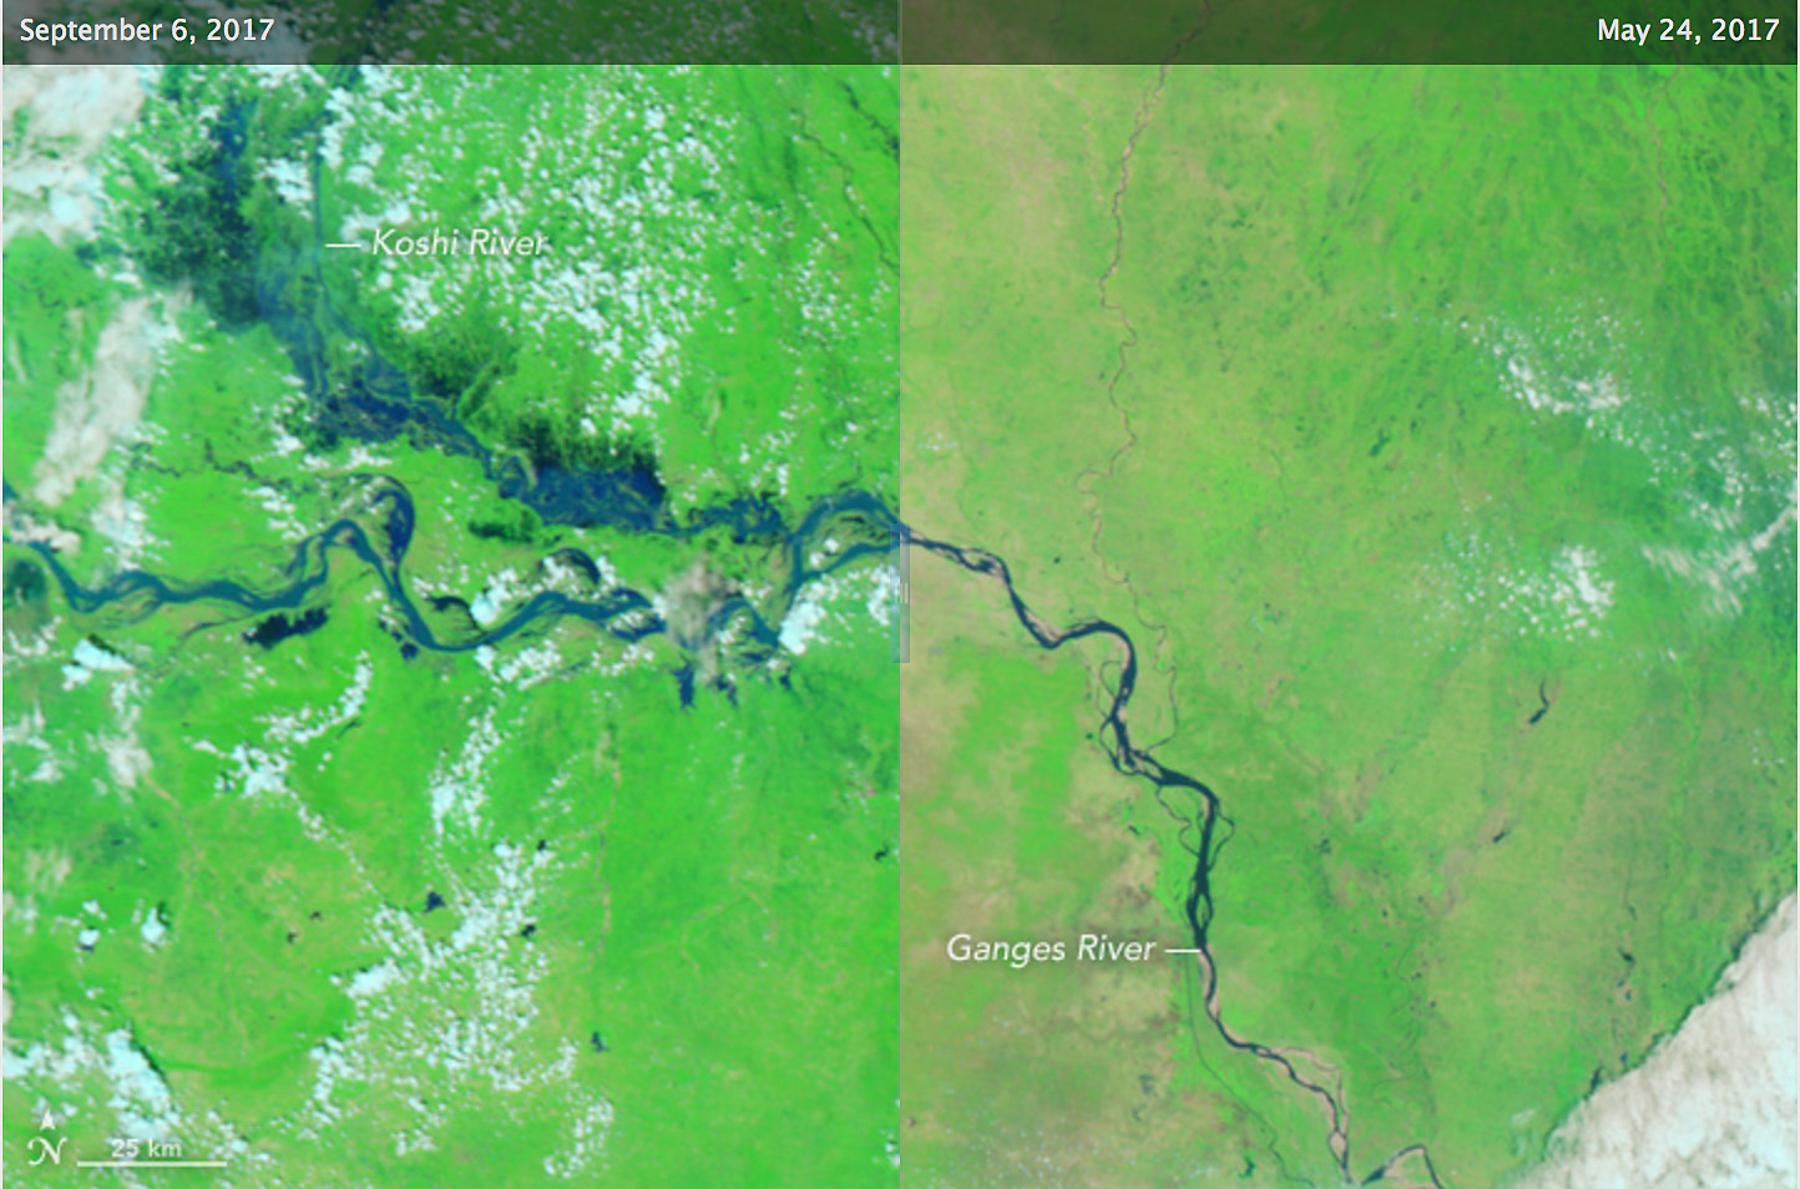 Duas imagens de satélite de sistema fluvial (Observatório Terrestre da Nasa)